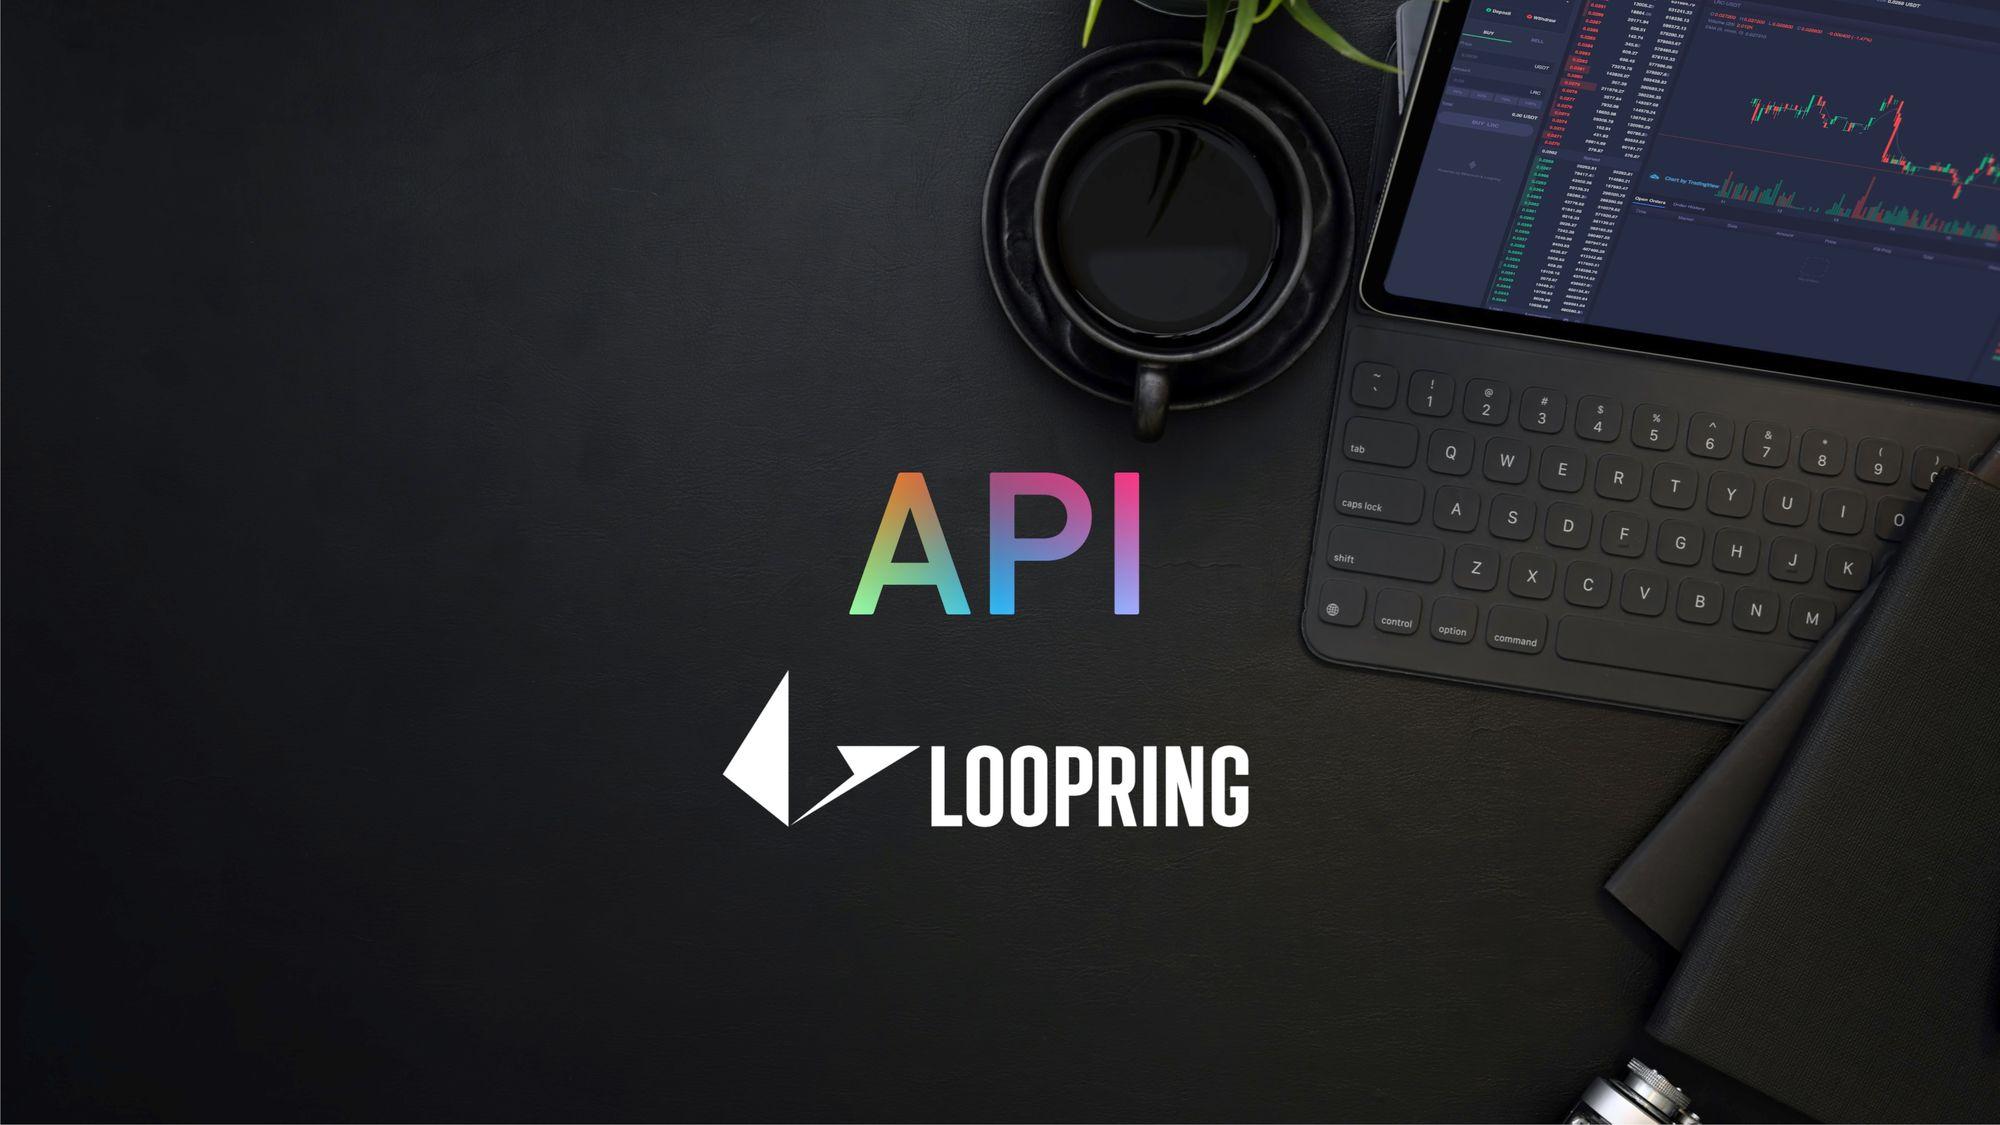 路印API-----.jpg